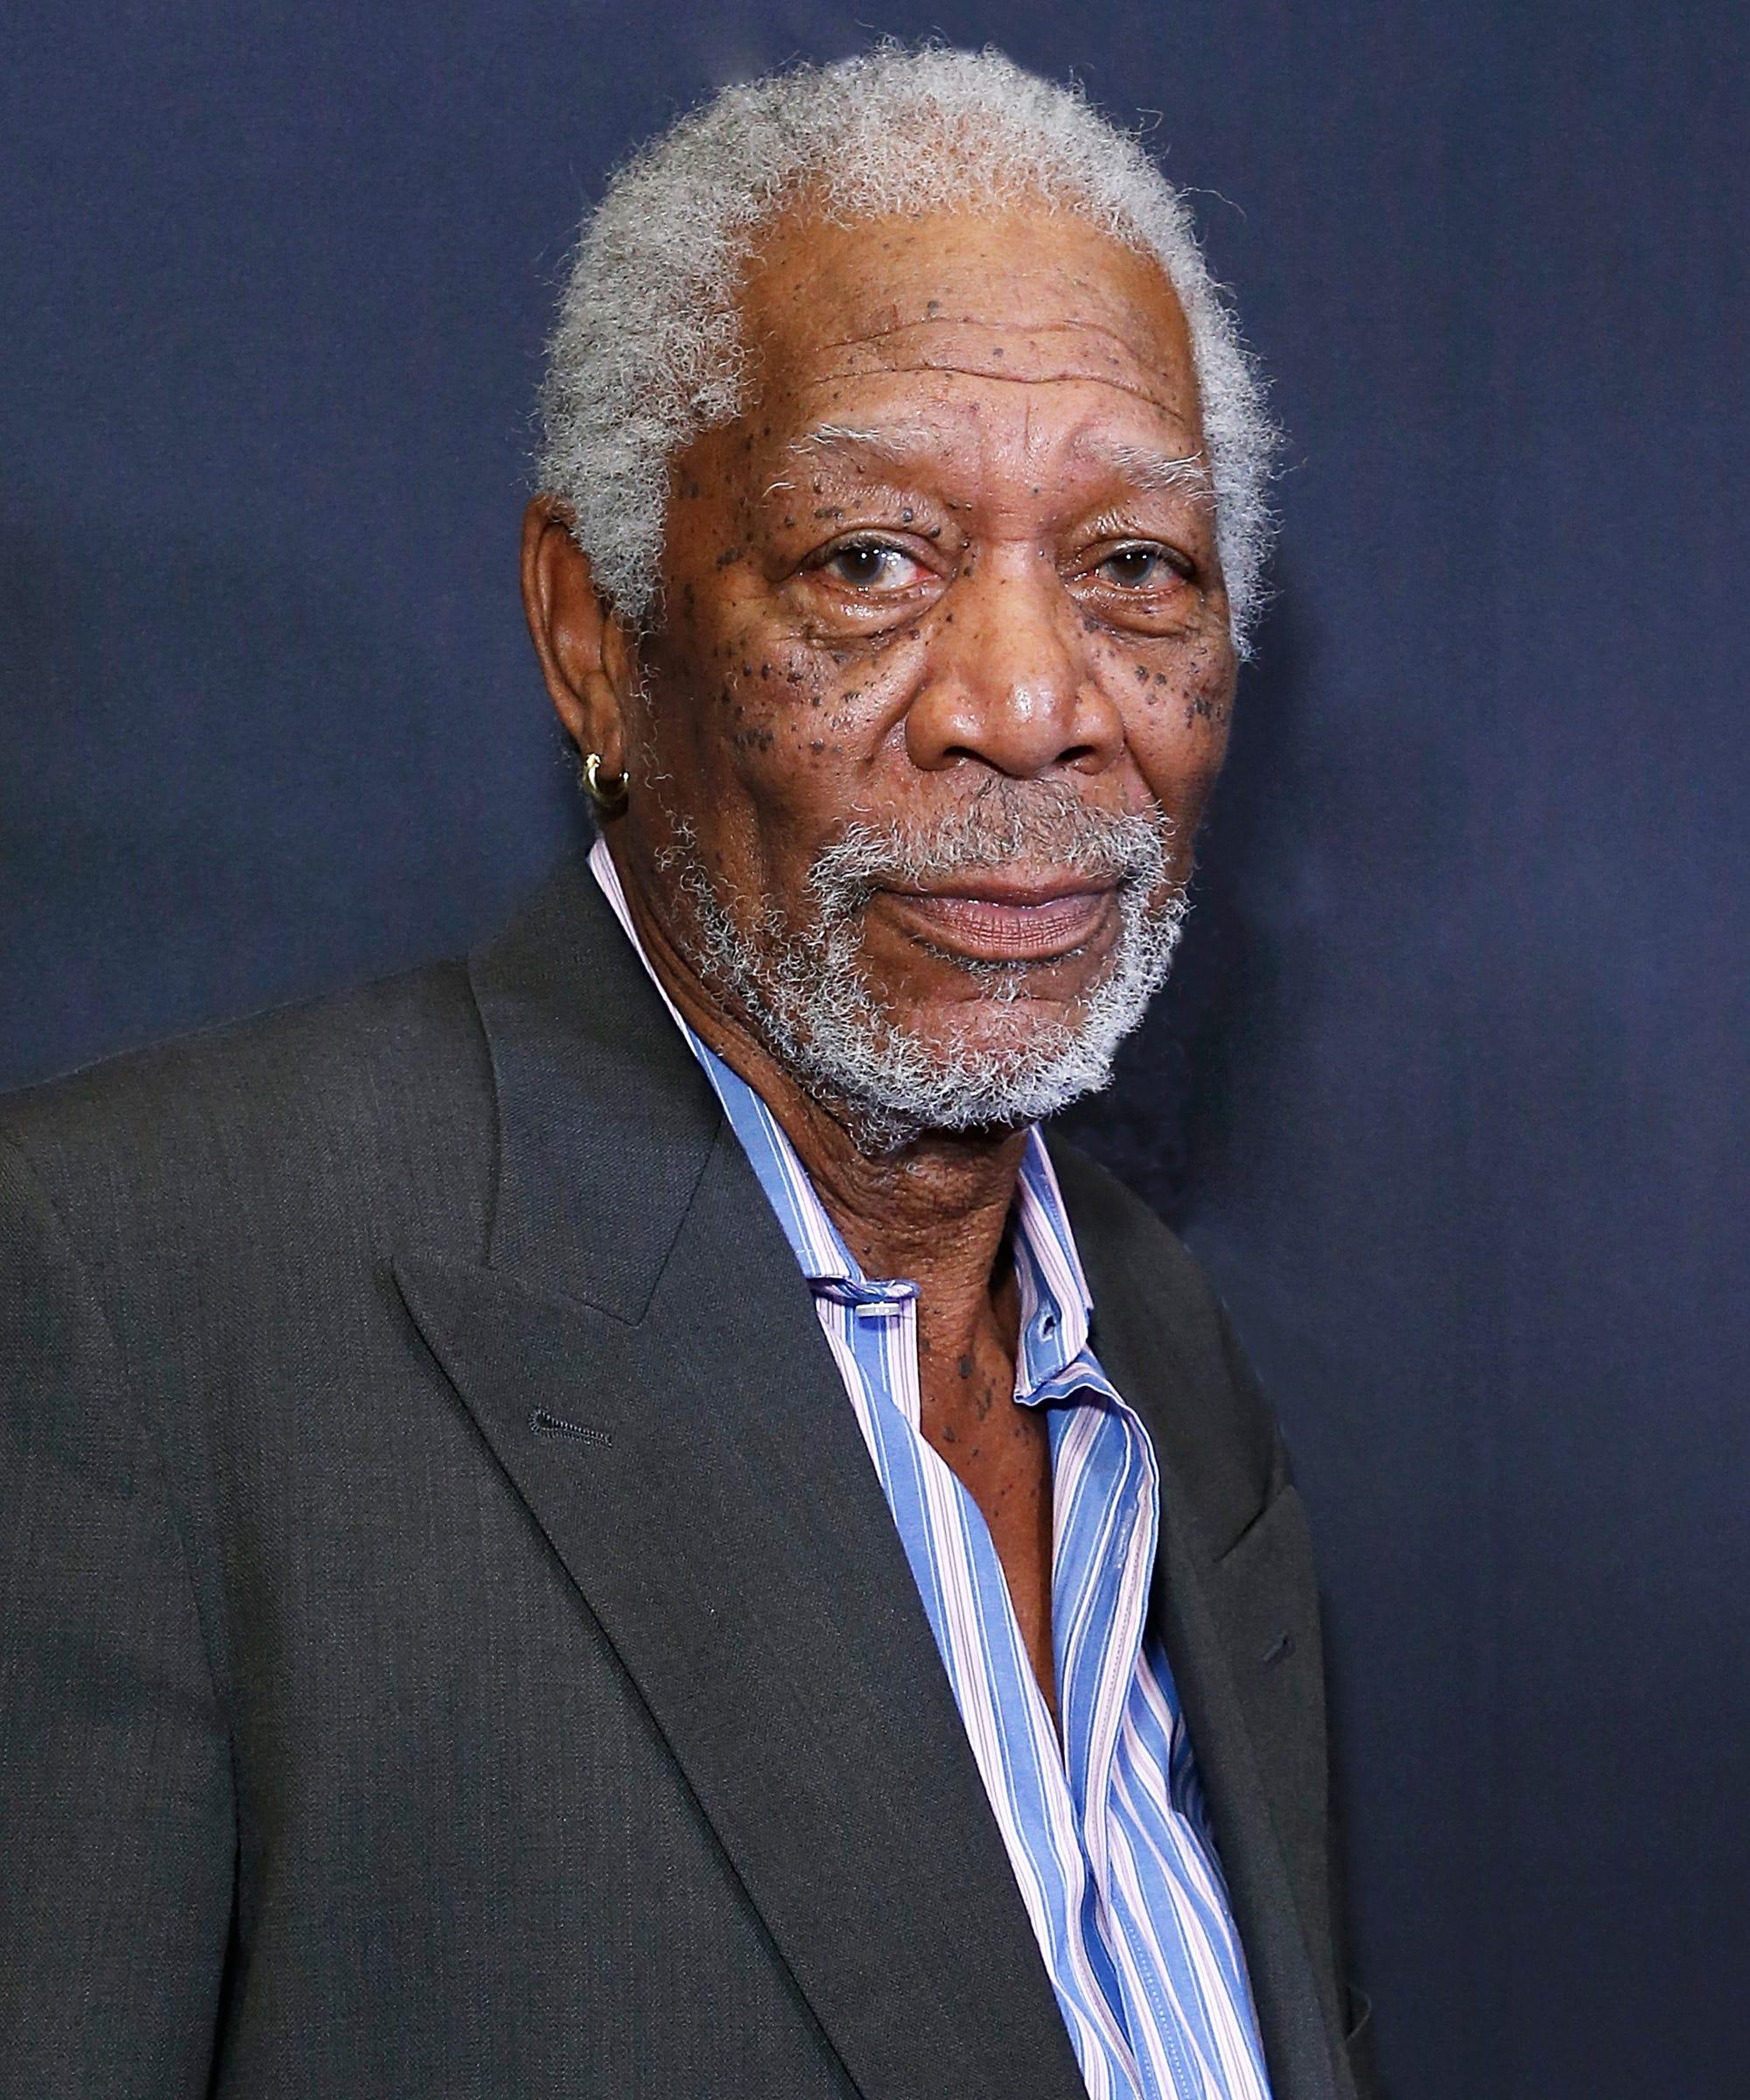 Morgan Freeman Der Sexuellen Belastigung Beschuldigt